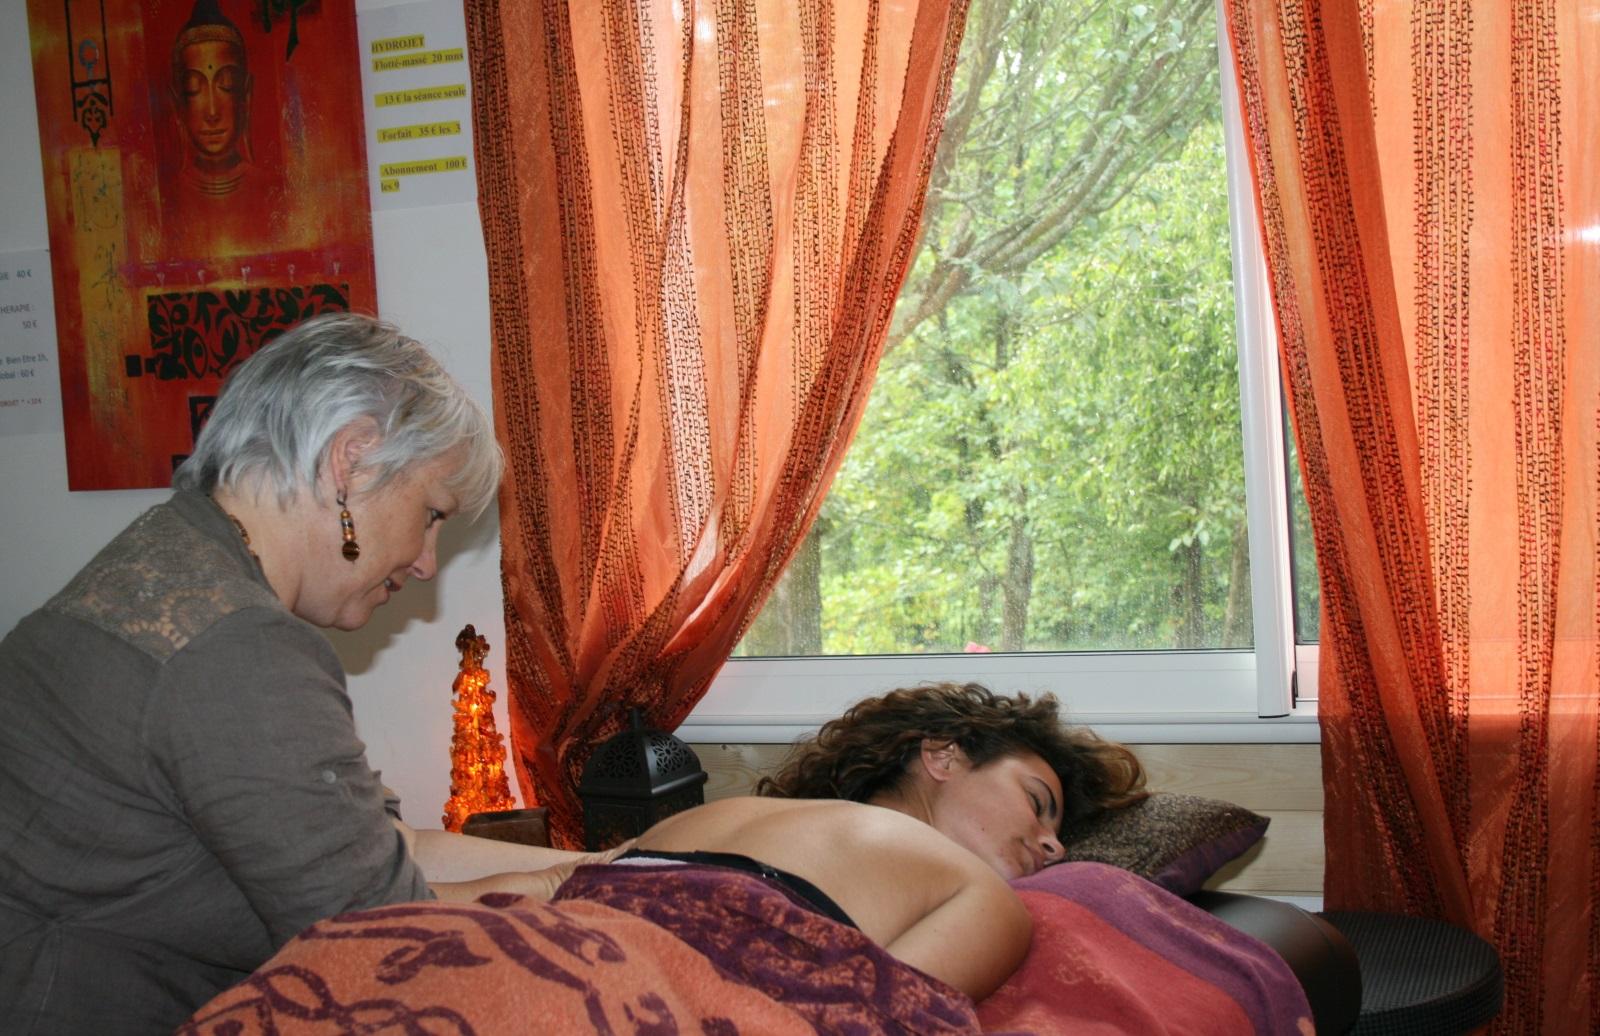 ty-canal-dor-sejour-bien-etre-massage-bretagne